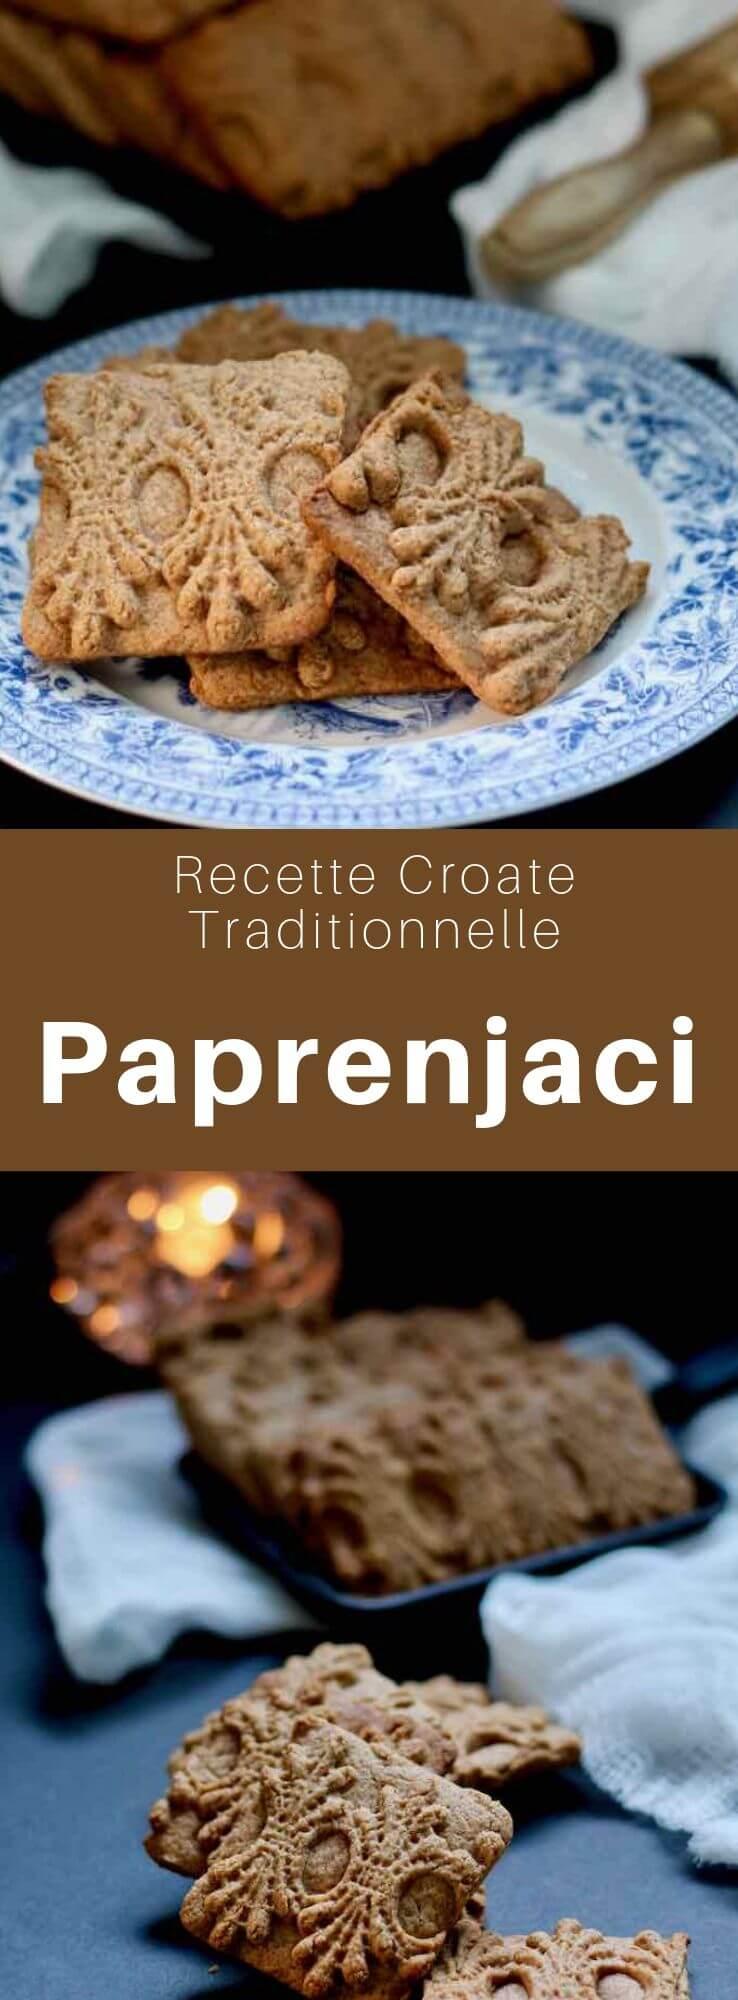 Les paprenjaci (paprenjak au singulier) sont des biscuits traditionnels croates parfumés au miel et au poivre noir. #Croatie #RecetteCroate #CuisineCroate #Balkans #CuisineDuMonde #196flavors